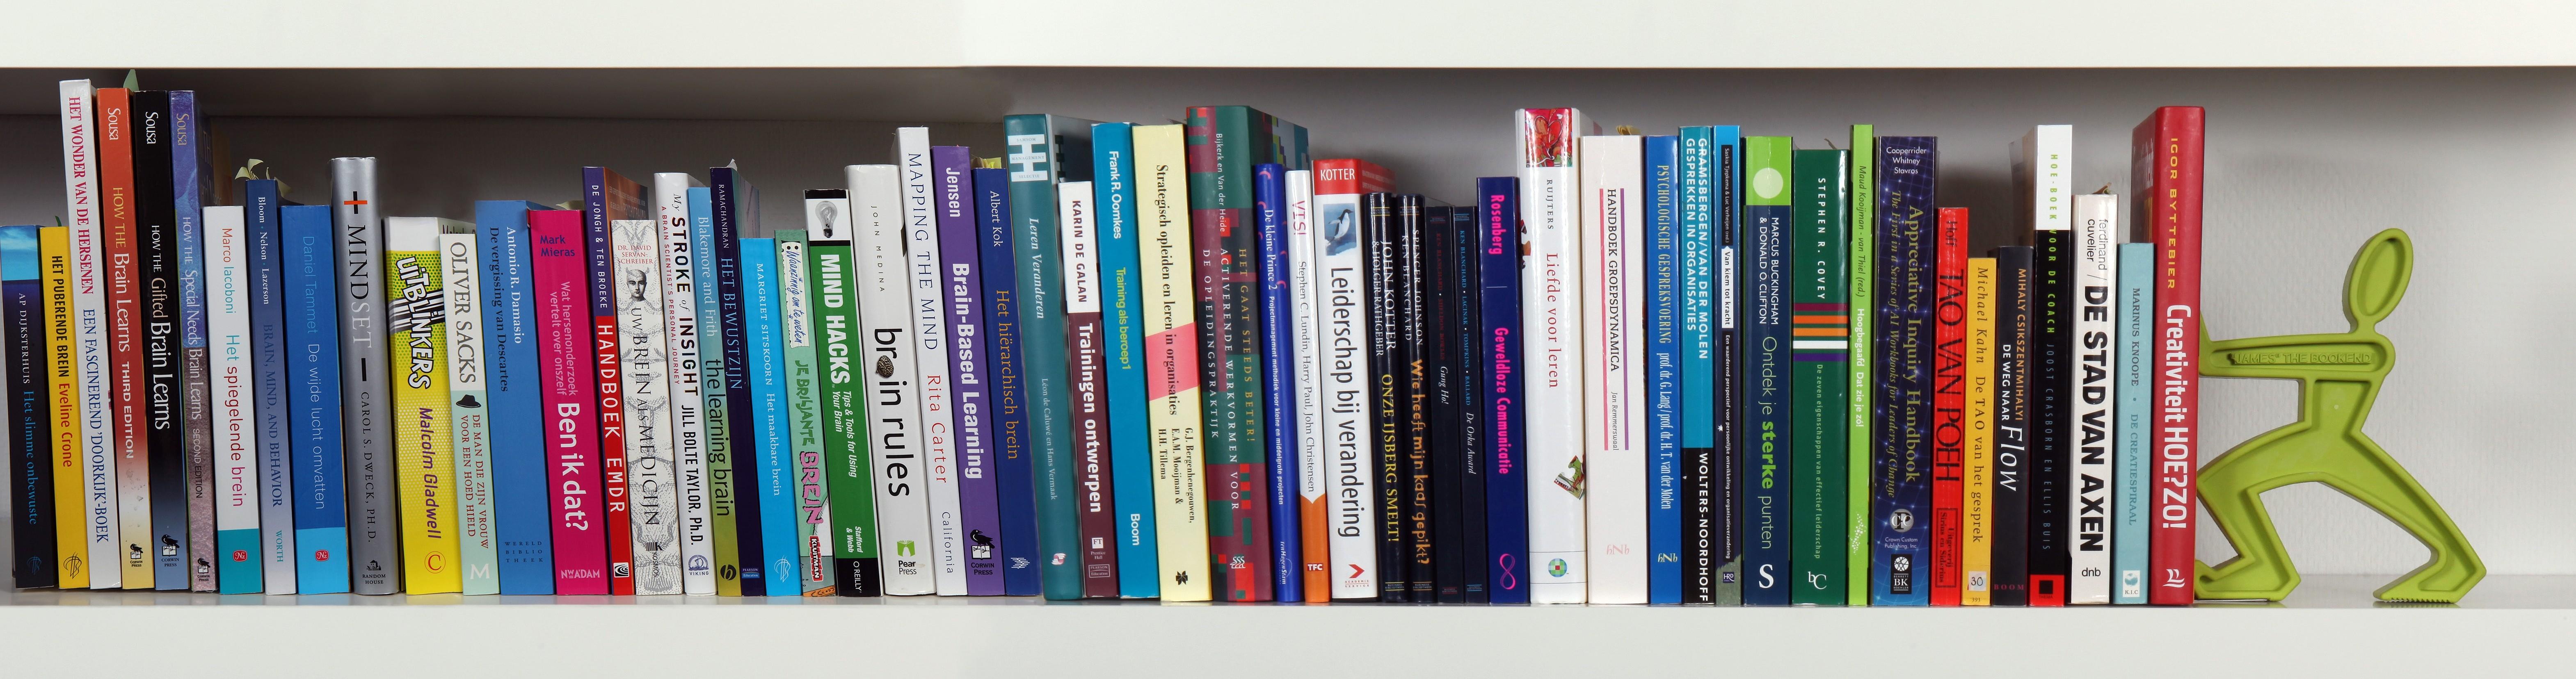 Boekenplank Met Boeken.Door Lezen Wijzer Door Zien Wijzer